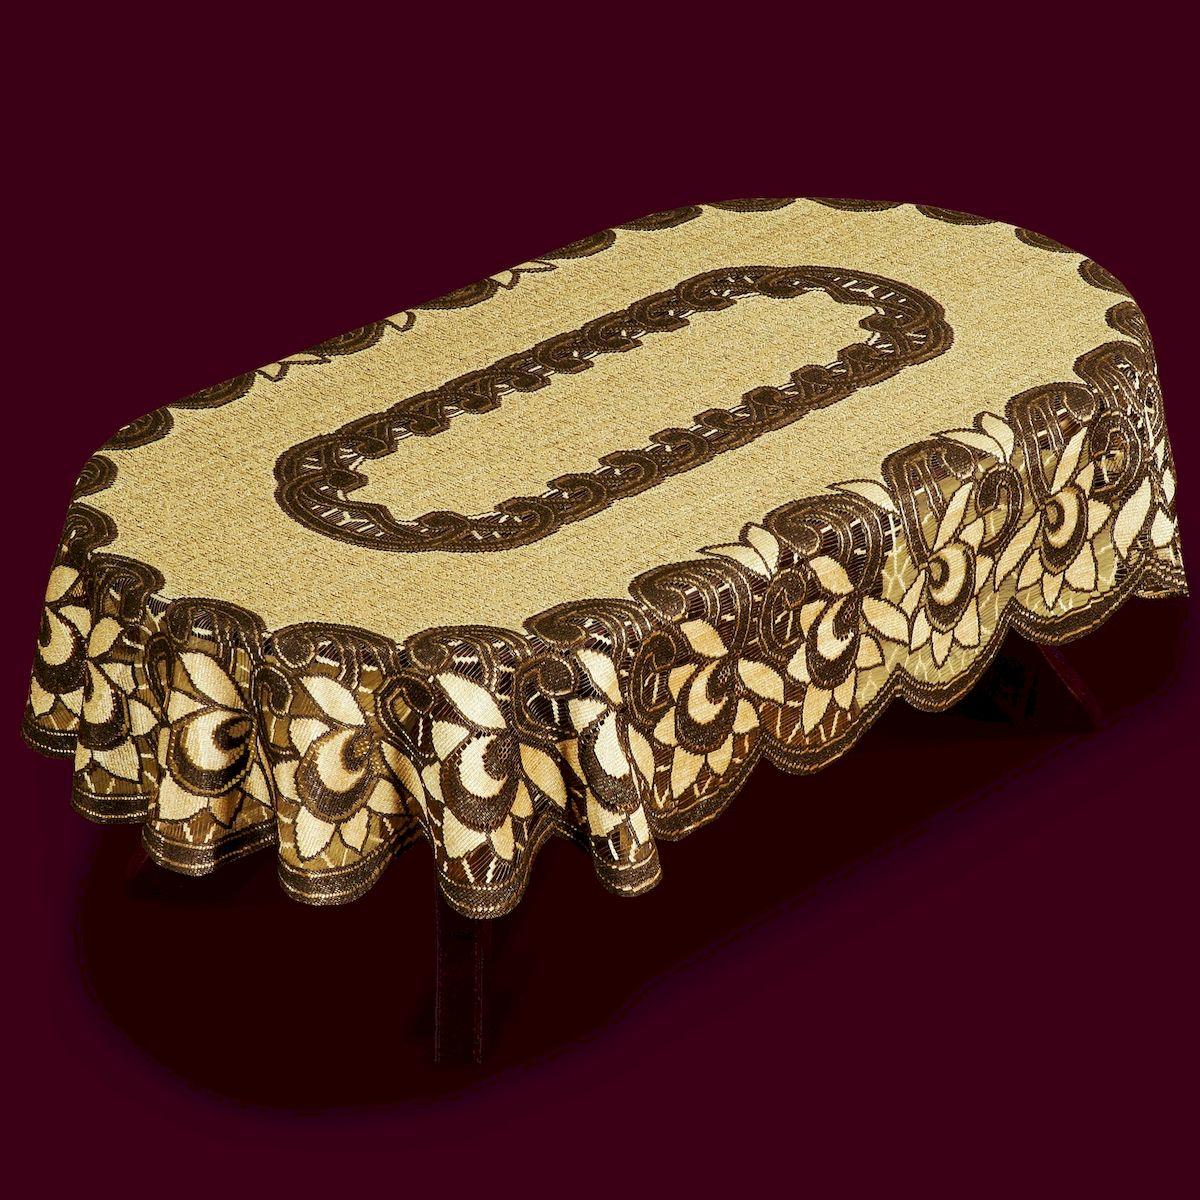 Скатерть Haft, овальная, цвет: коричневый, бежевый, 150 x 100 см. 3878138781/100 кофейно-коричн.Великолепная скатерть Haft, выполненная из полиэстера, органично впишется в интерьер любого помещения, а оригинальный дизайн удовлетворит даже самый изысканный вкус.Скатерть Haft создаст праздничное настроение и станет прекрасным дополнением интерьера гостиной, кухни или столовой.